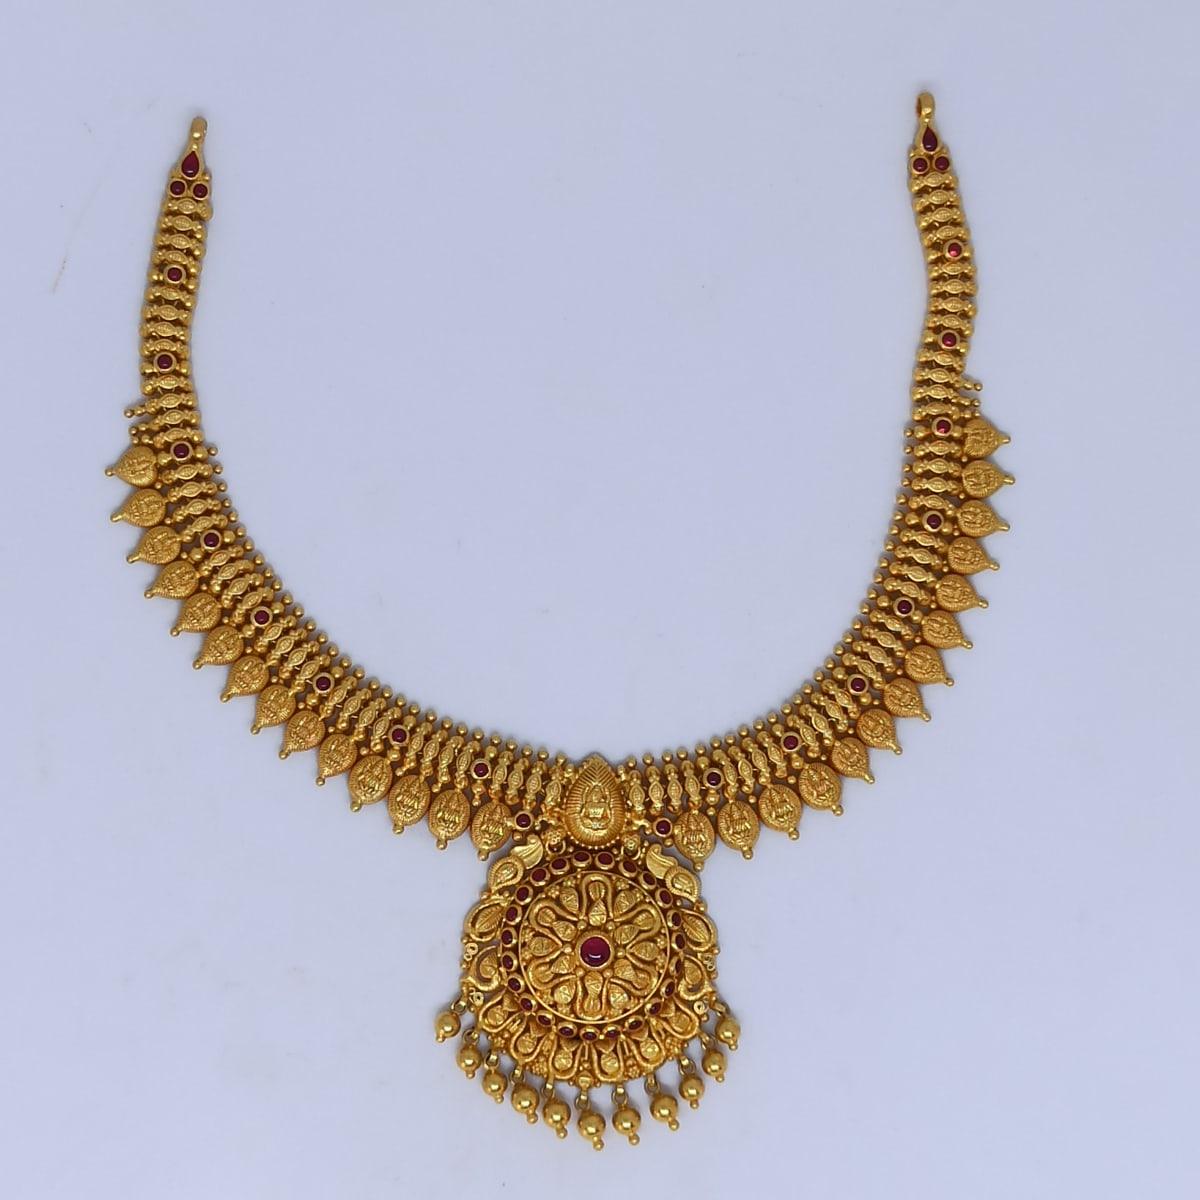 Rekha Antique Necklace